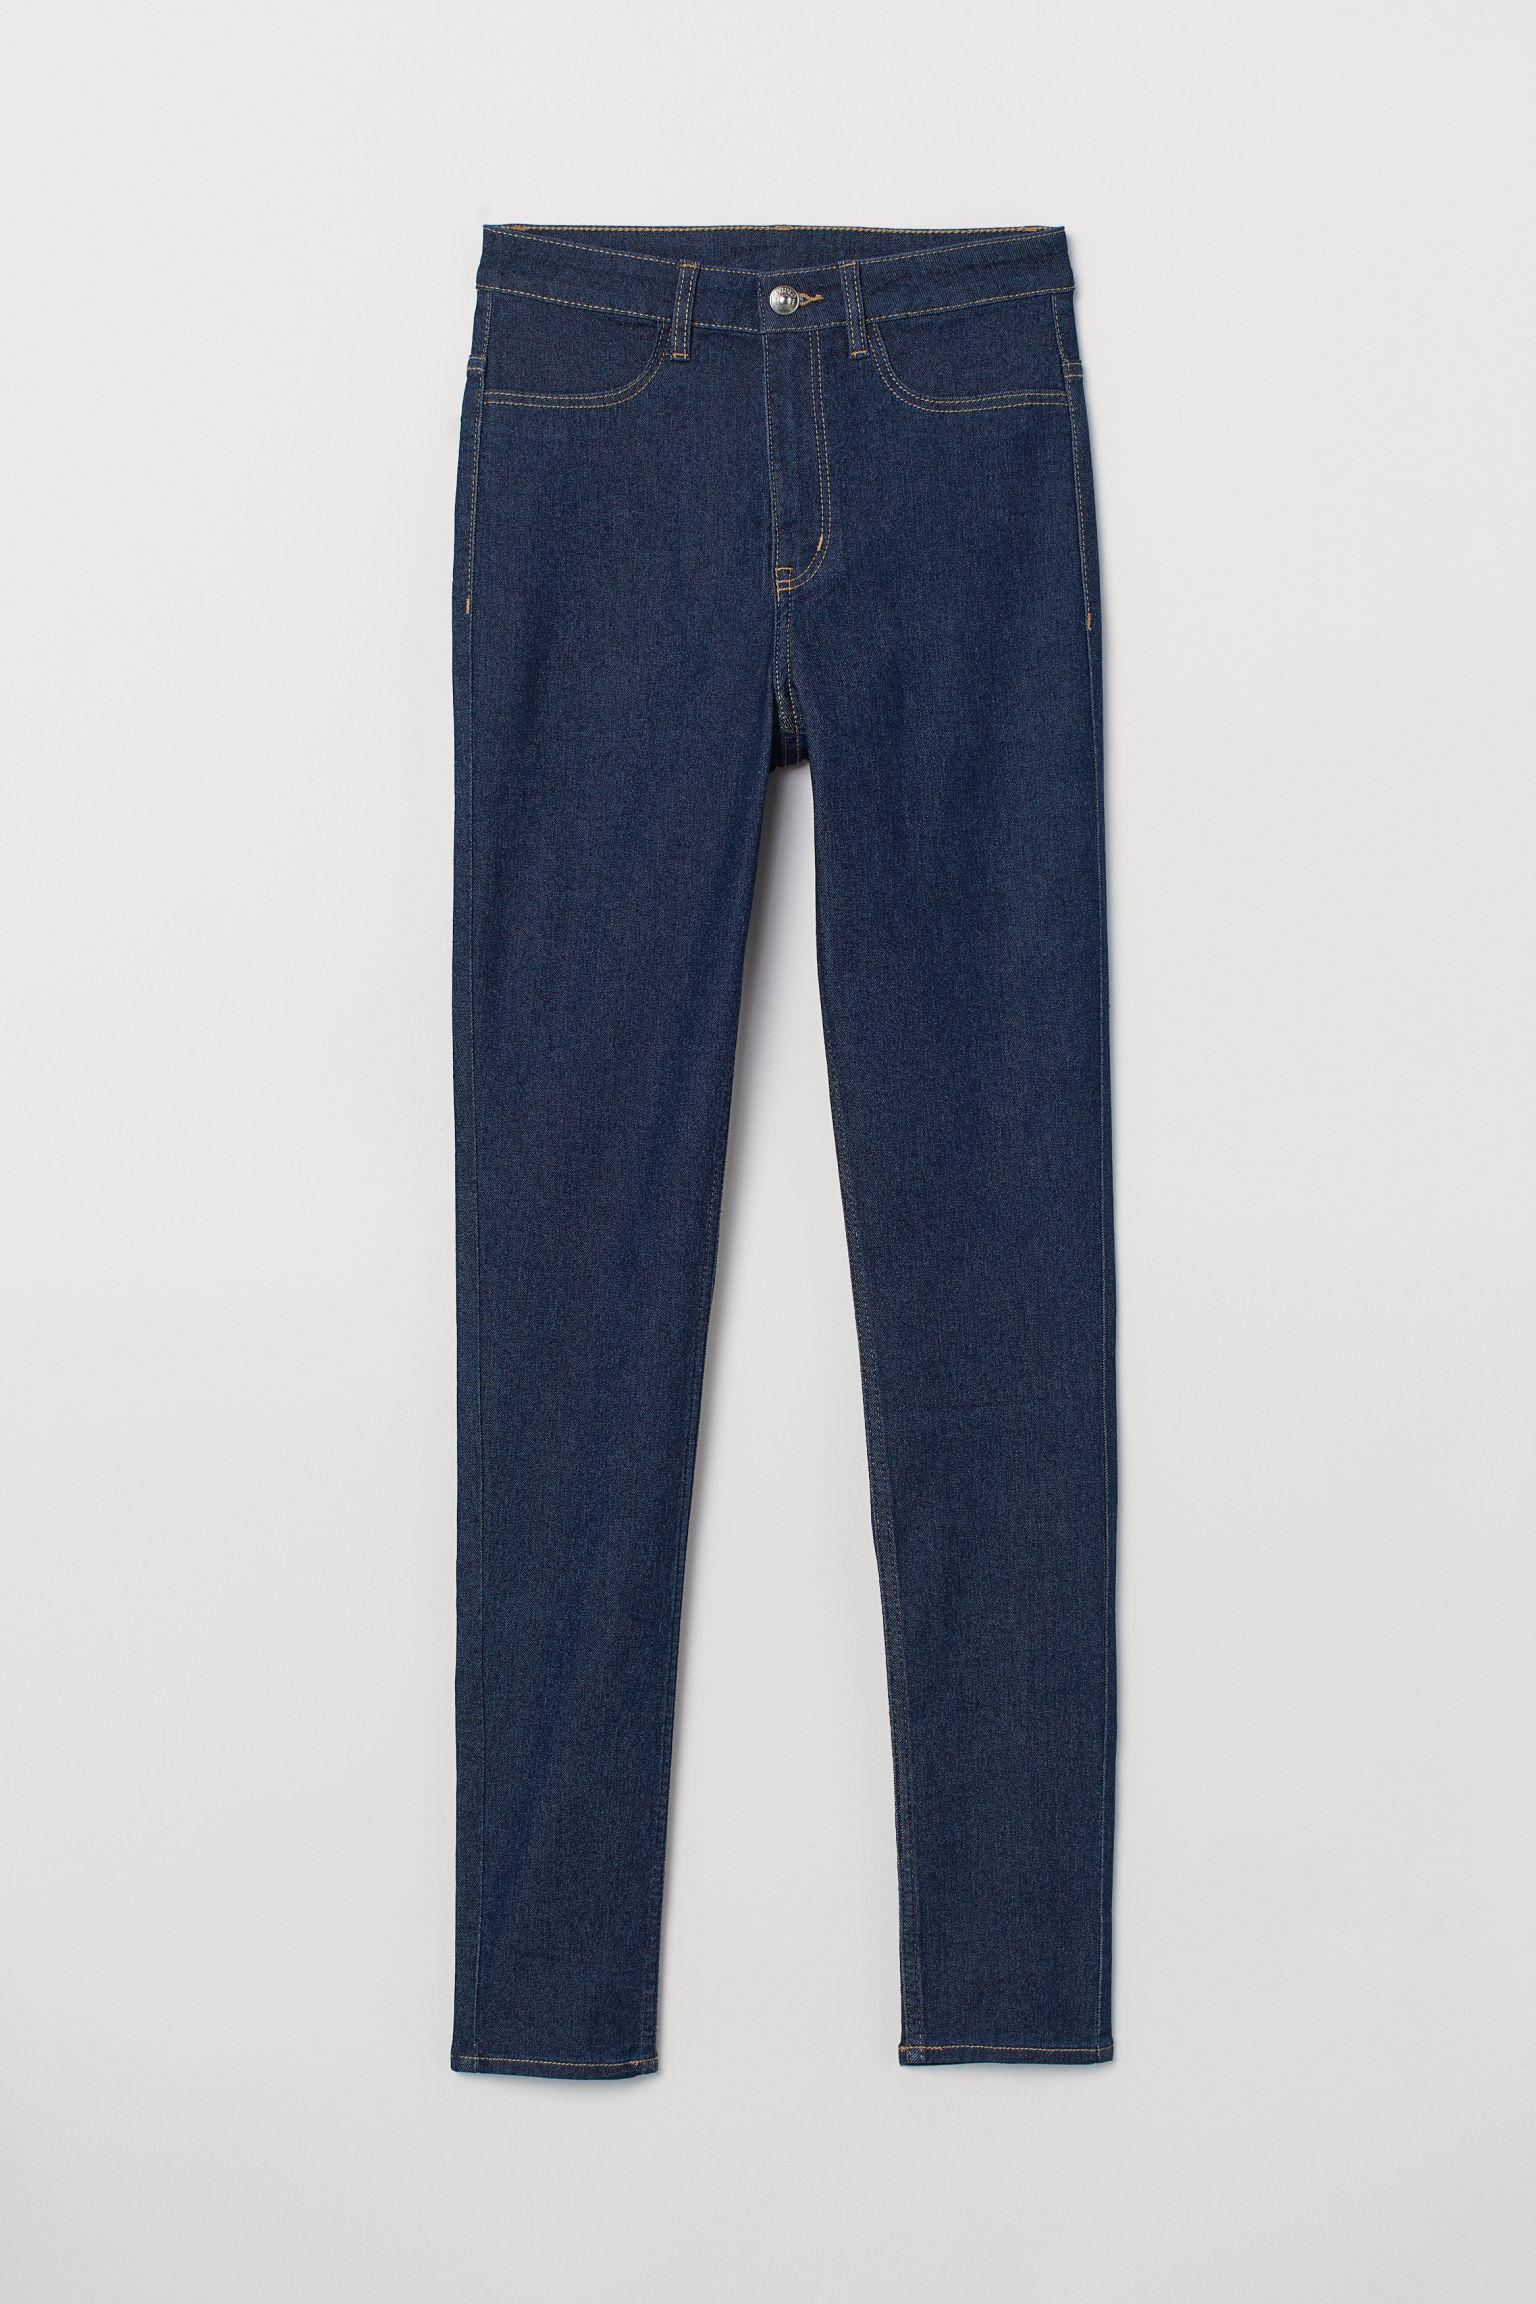 מחיר מדהים מכירת הנחות יופי Super Skinny High Jeans - Albastru-denim - FEMEI | H&M RO